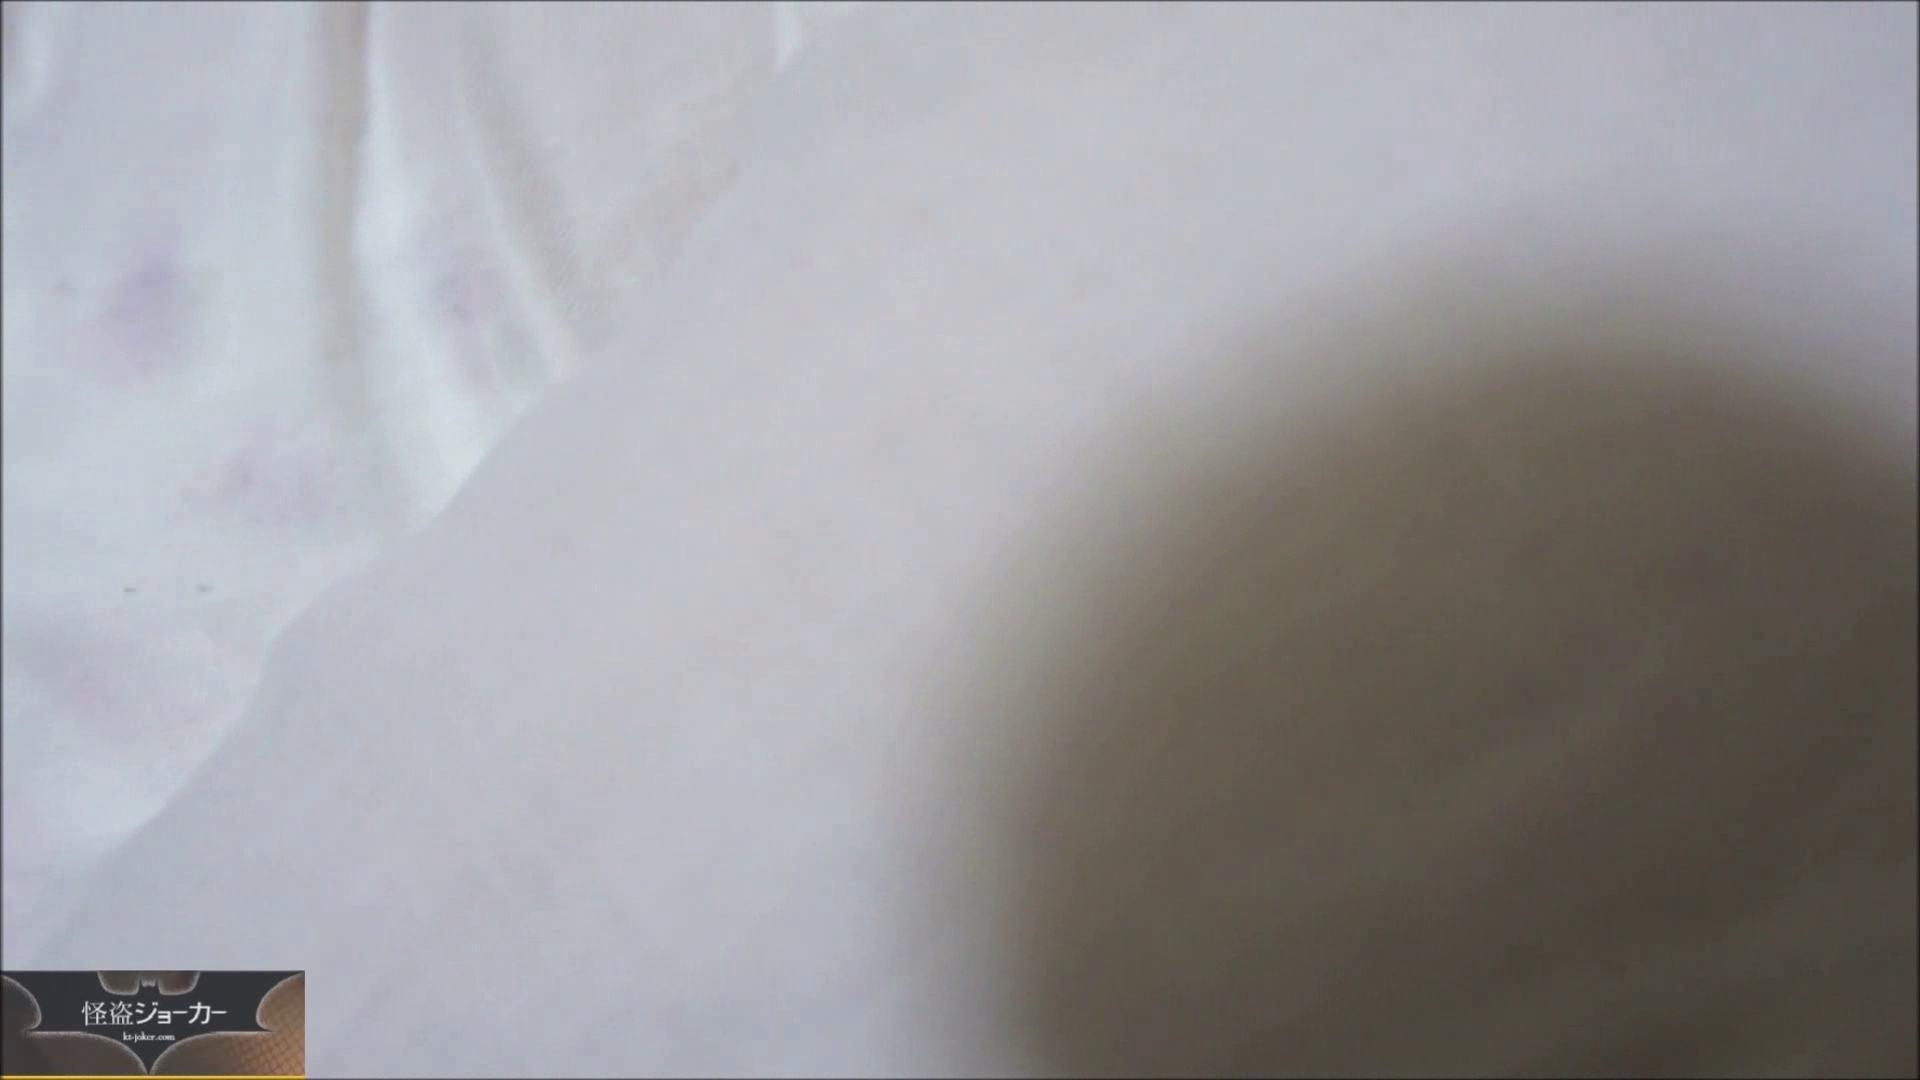 【未公開】vol.23 ユリナ、寝取られのアト。 ギャル達 ヌード画像 108枚 2